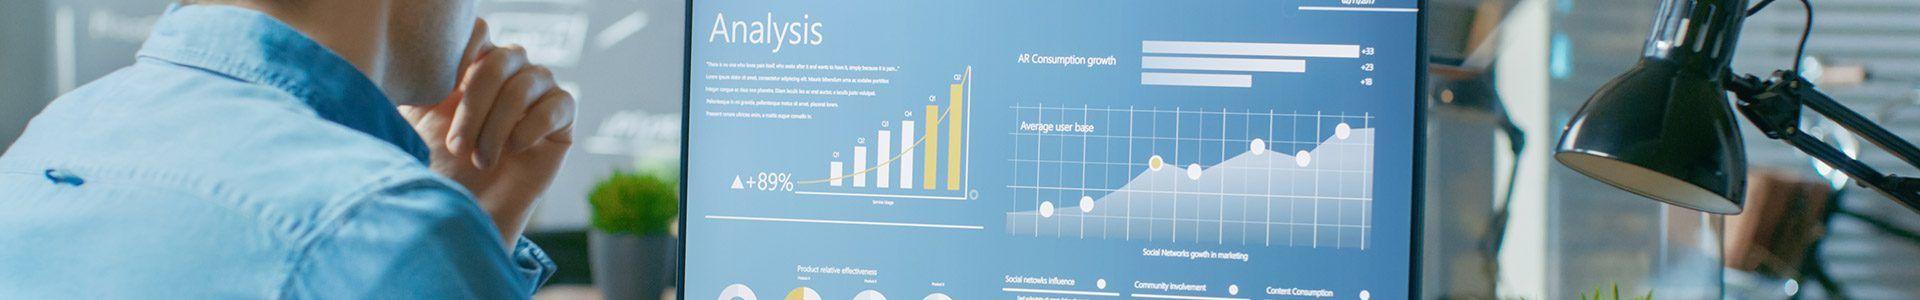 online leadgeneratie van webanalyse tot kwalitatieve lead